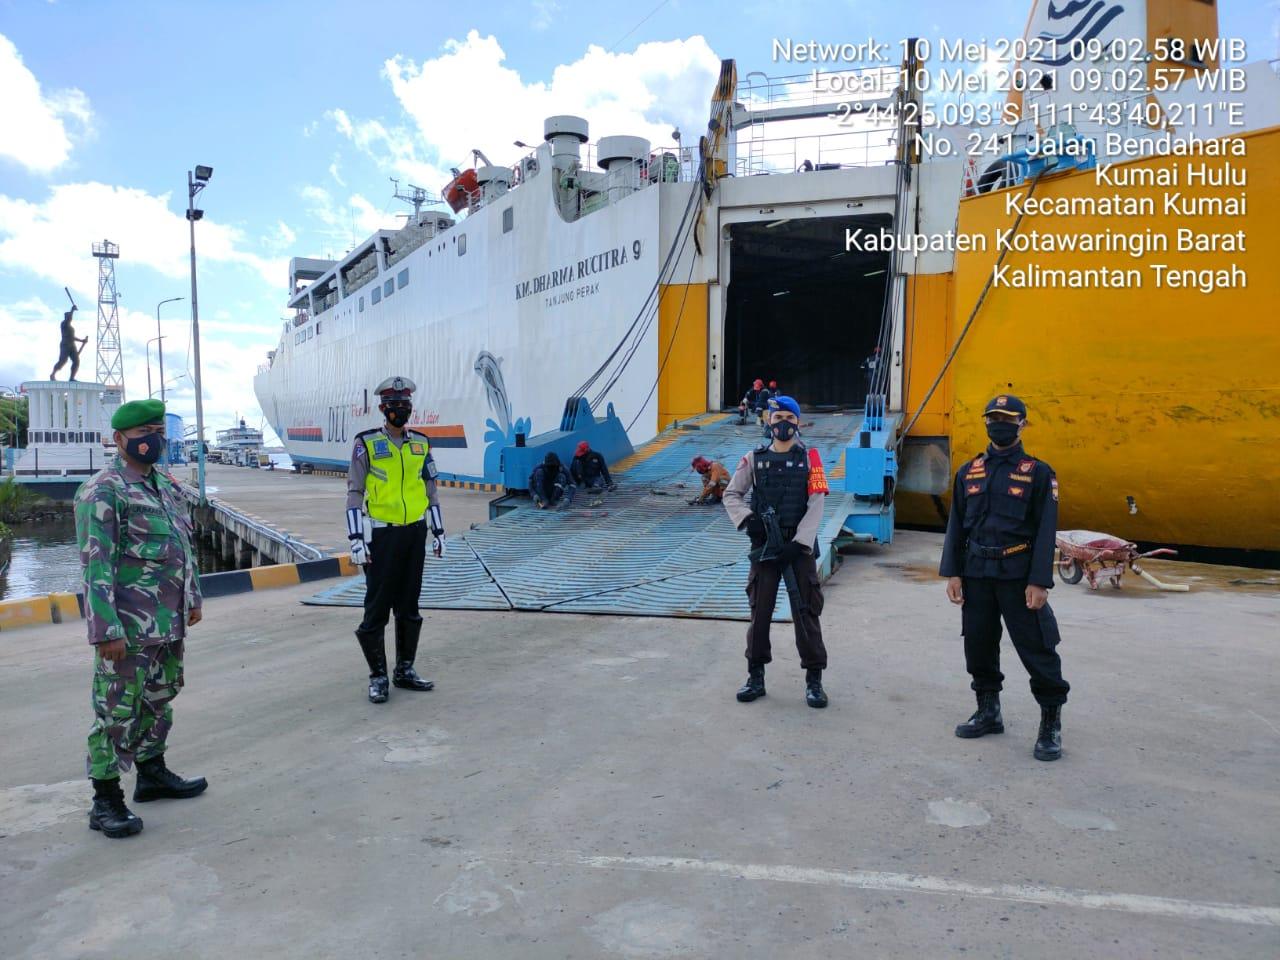 Pelabuhan Jadi di Kobar Jadi Sasaran Prokes Covid-19